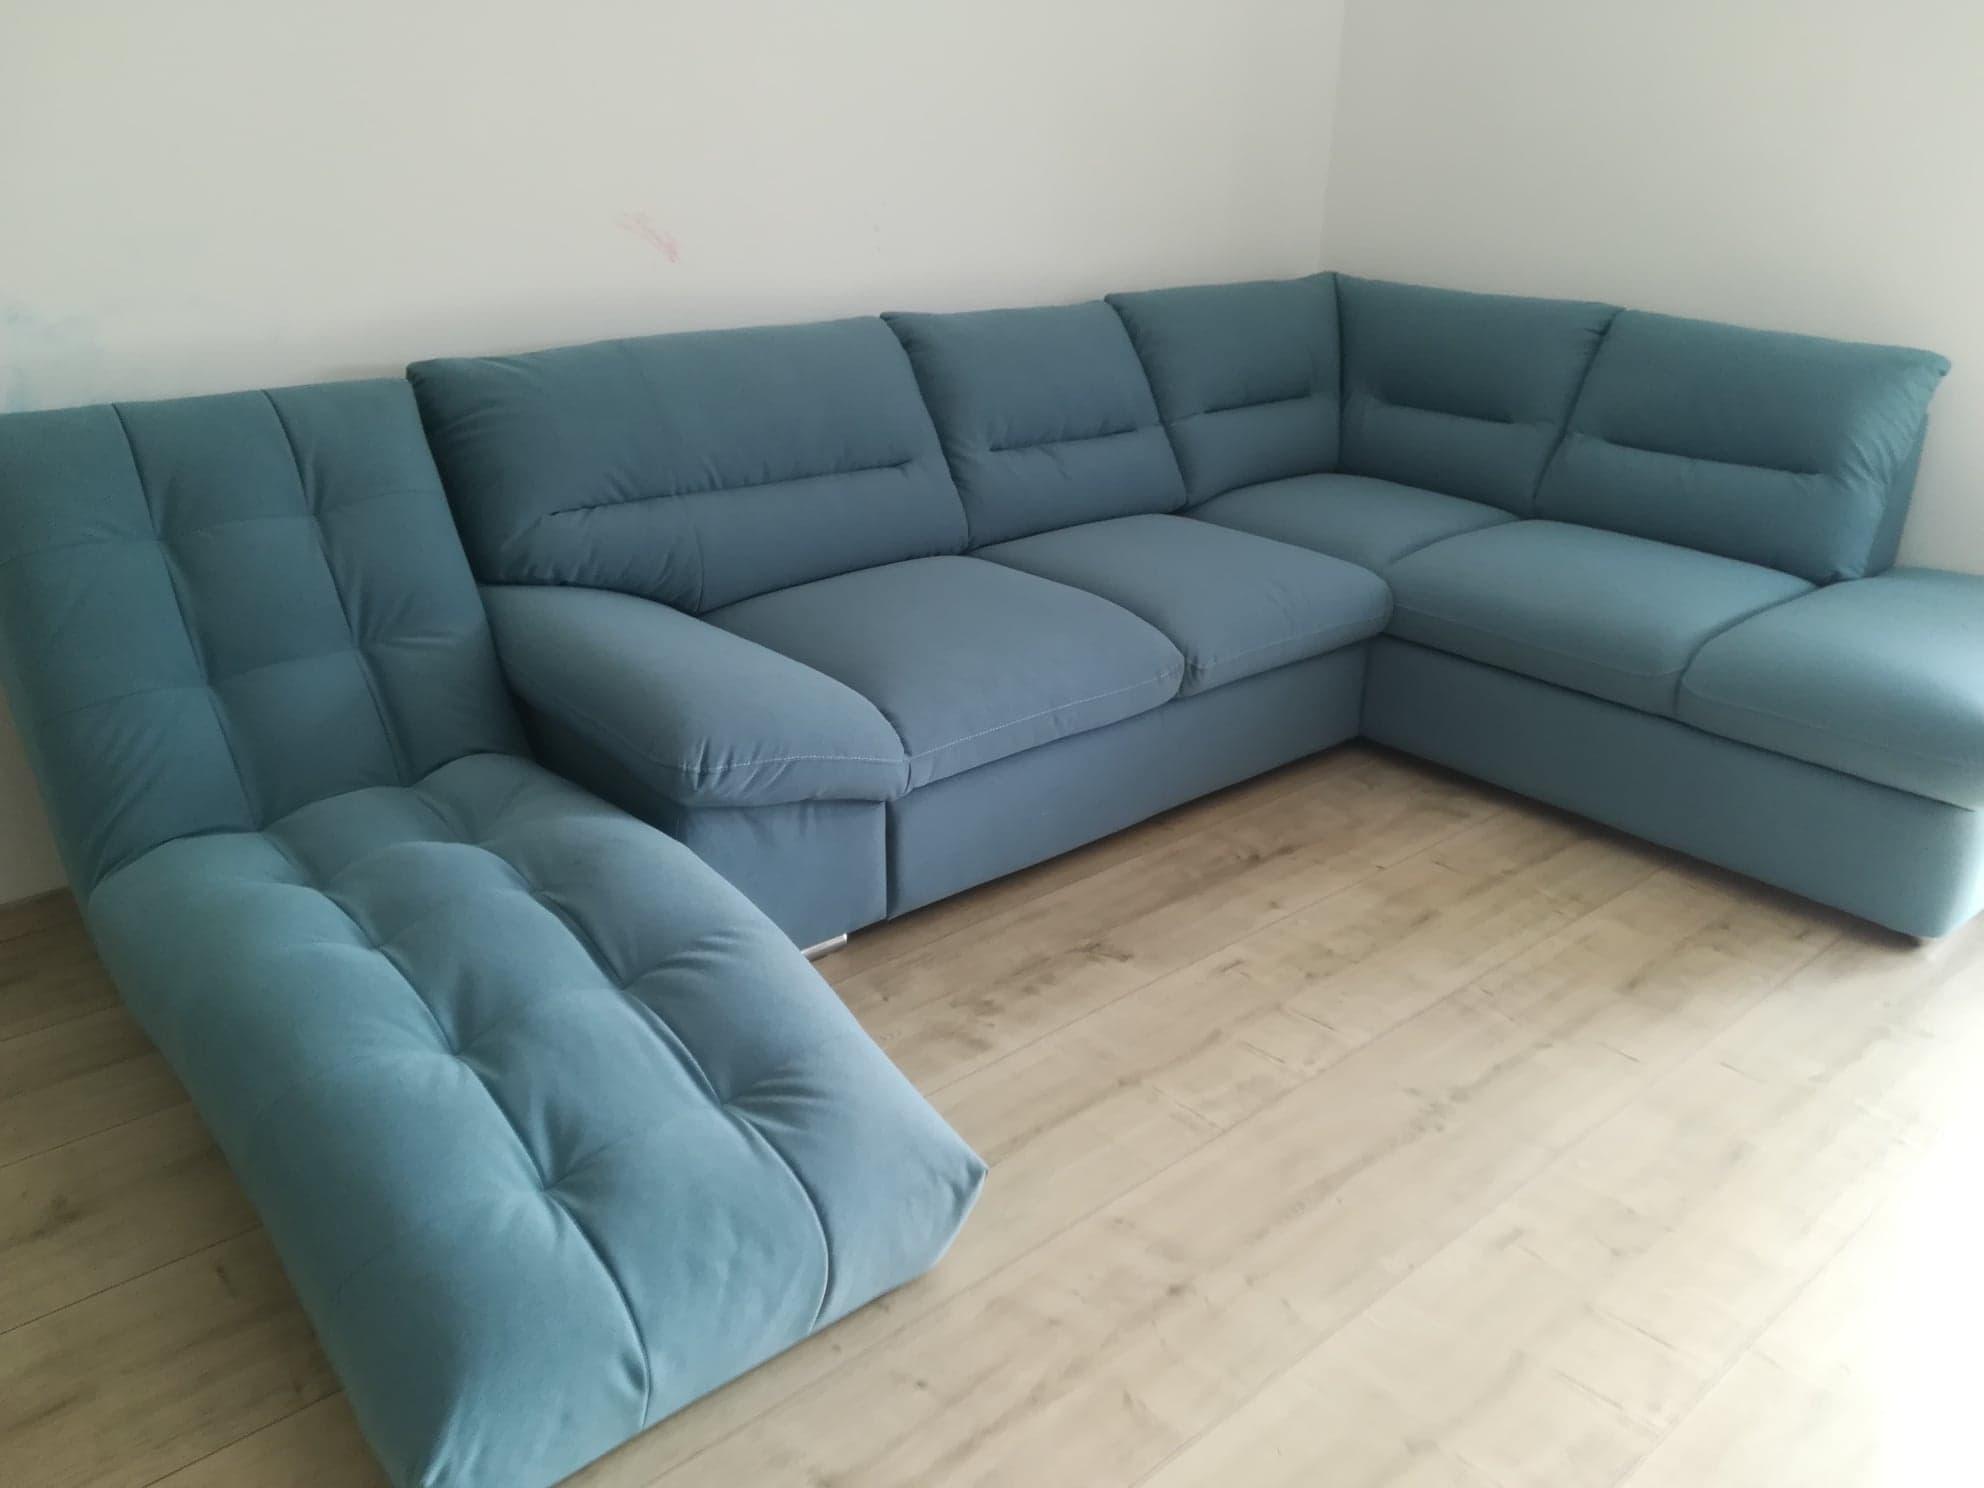 canapea cu sezlong